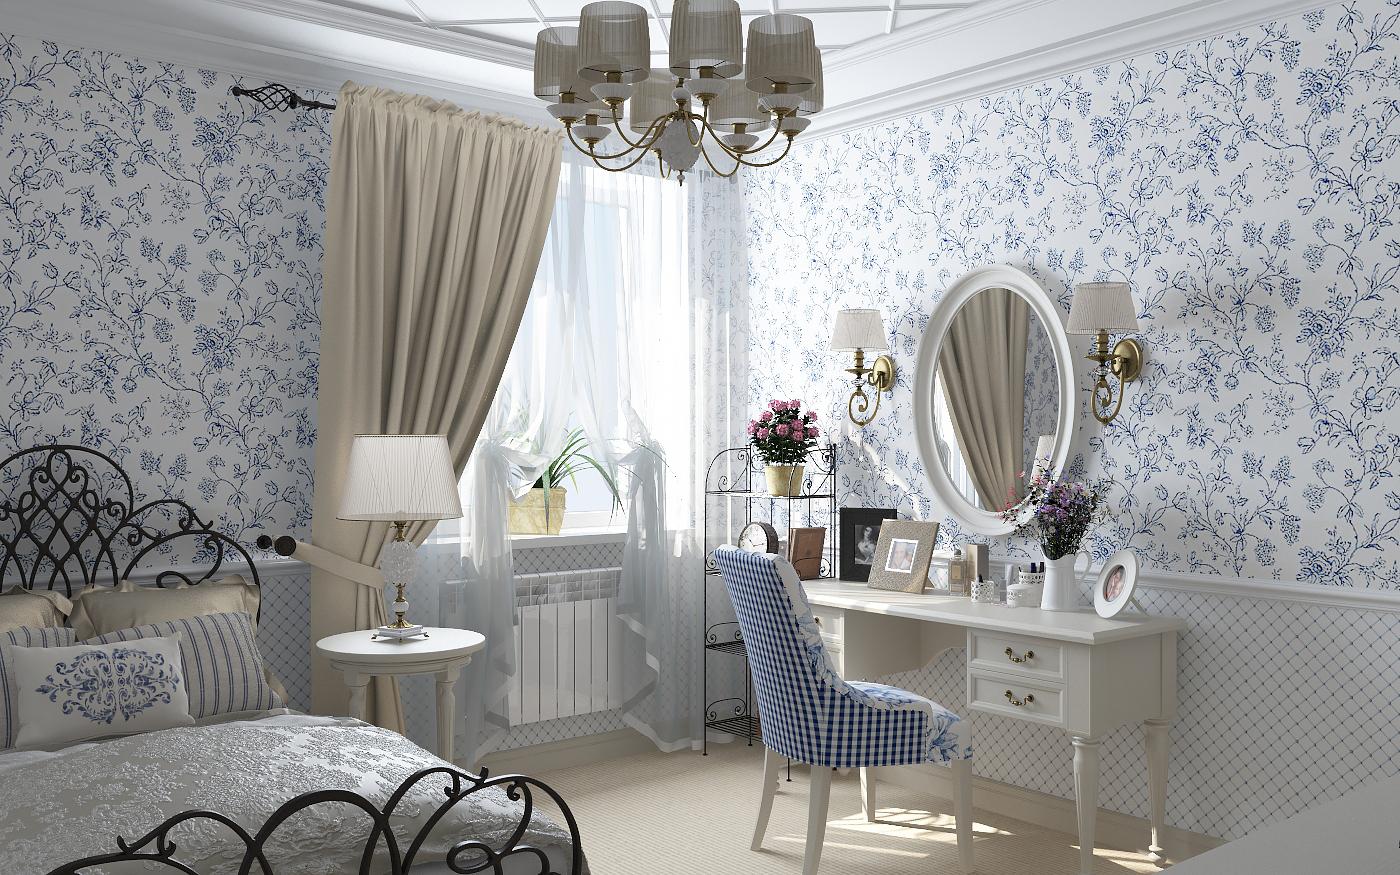 дизайн интерьера в элитных домах